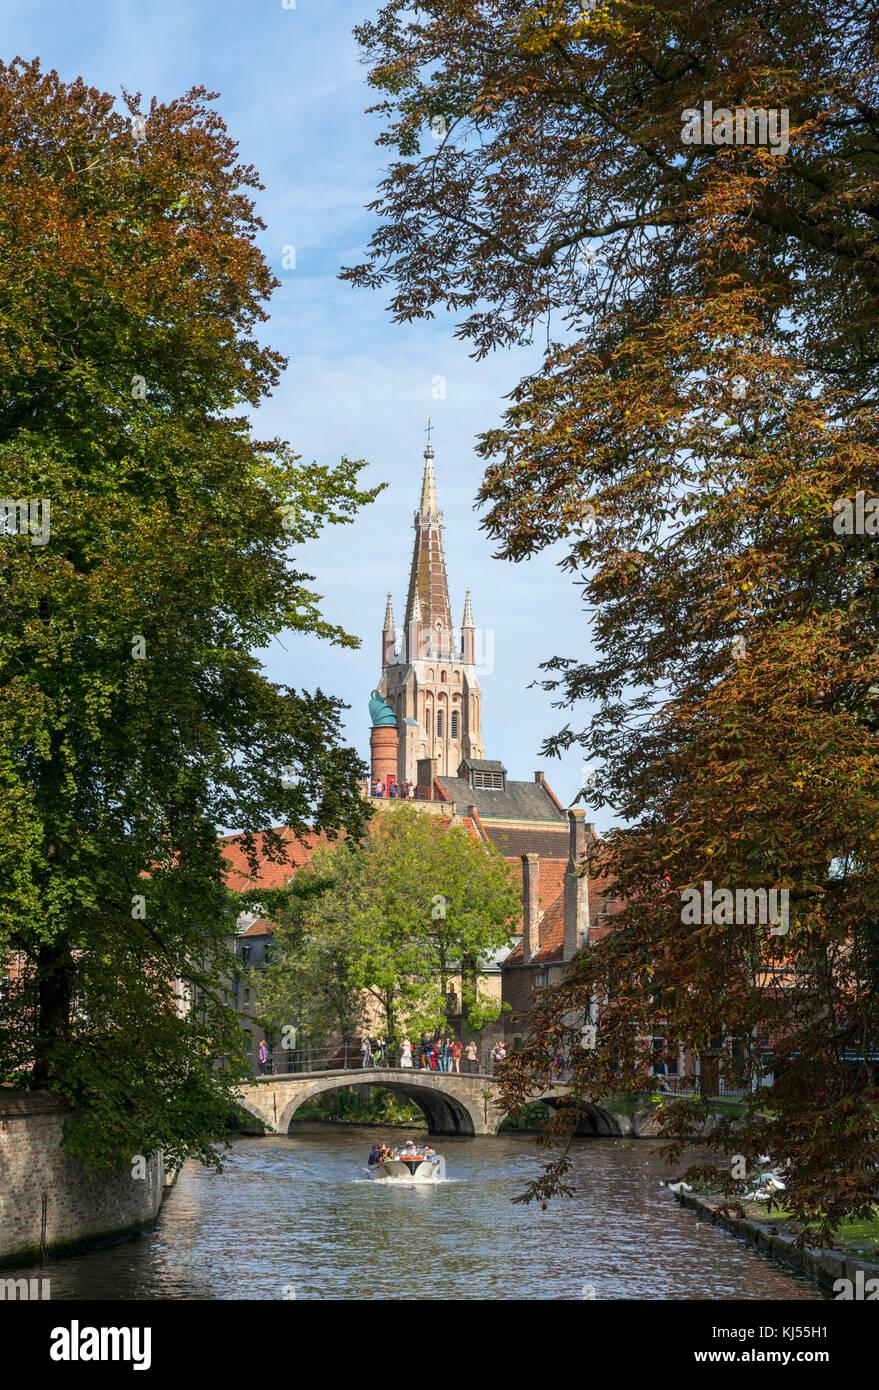 Viaje en barco por el Minnewater mirando hacia la torre de la Iglesia de Nuestra Señora (Onze-Lieve-Vrouwekerk), Imagen De Stock